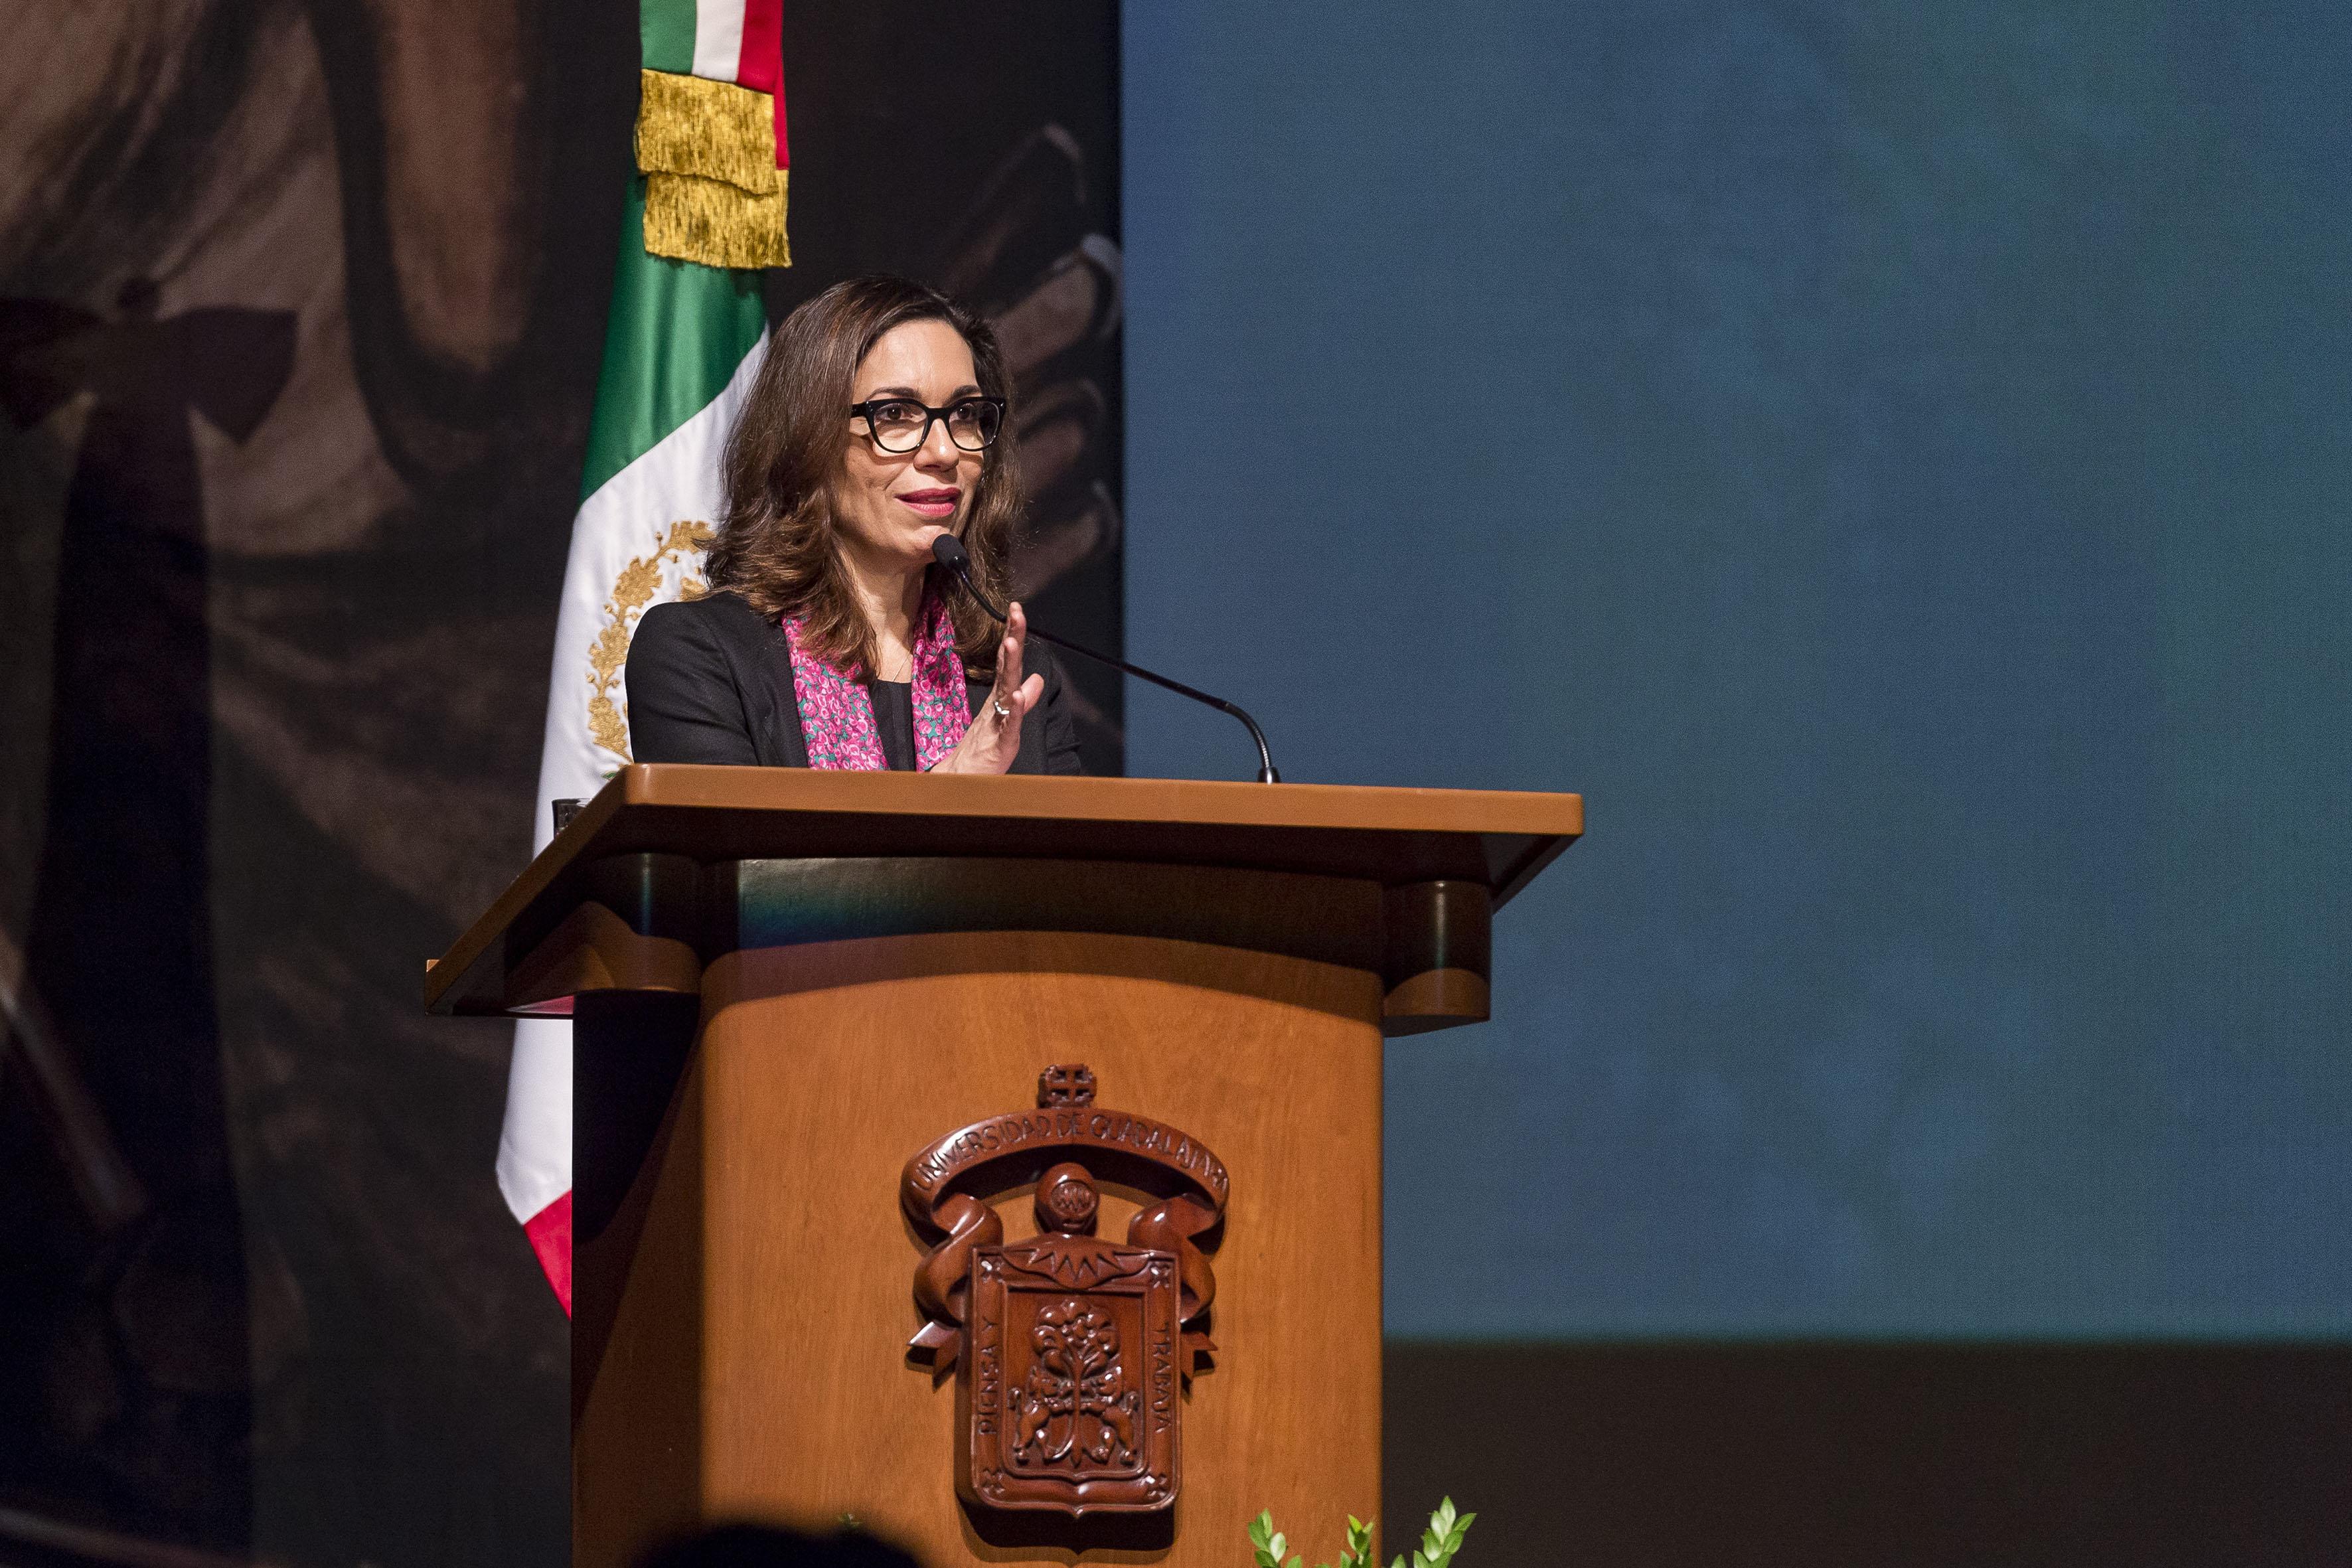 Doctora Irma Adriana Gómez Cavazos, Oficial Mayor de la Secretaría de Educación Pública, en podium del evento haciendo uso de la palabra.